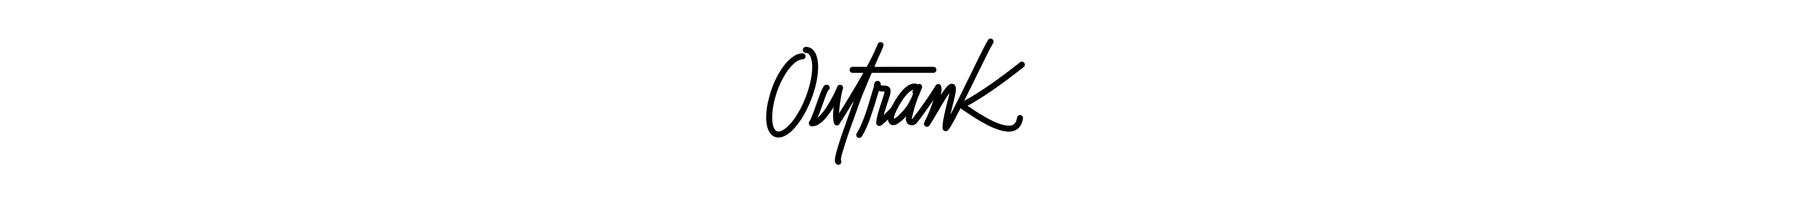 DrJays.com - Outrank